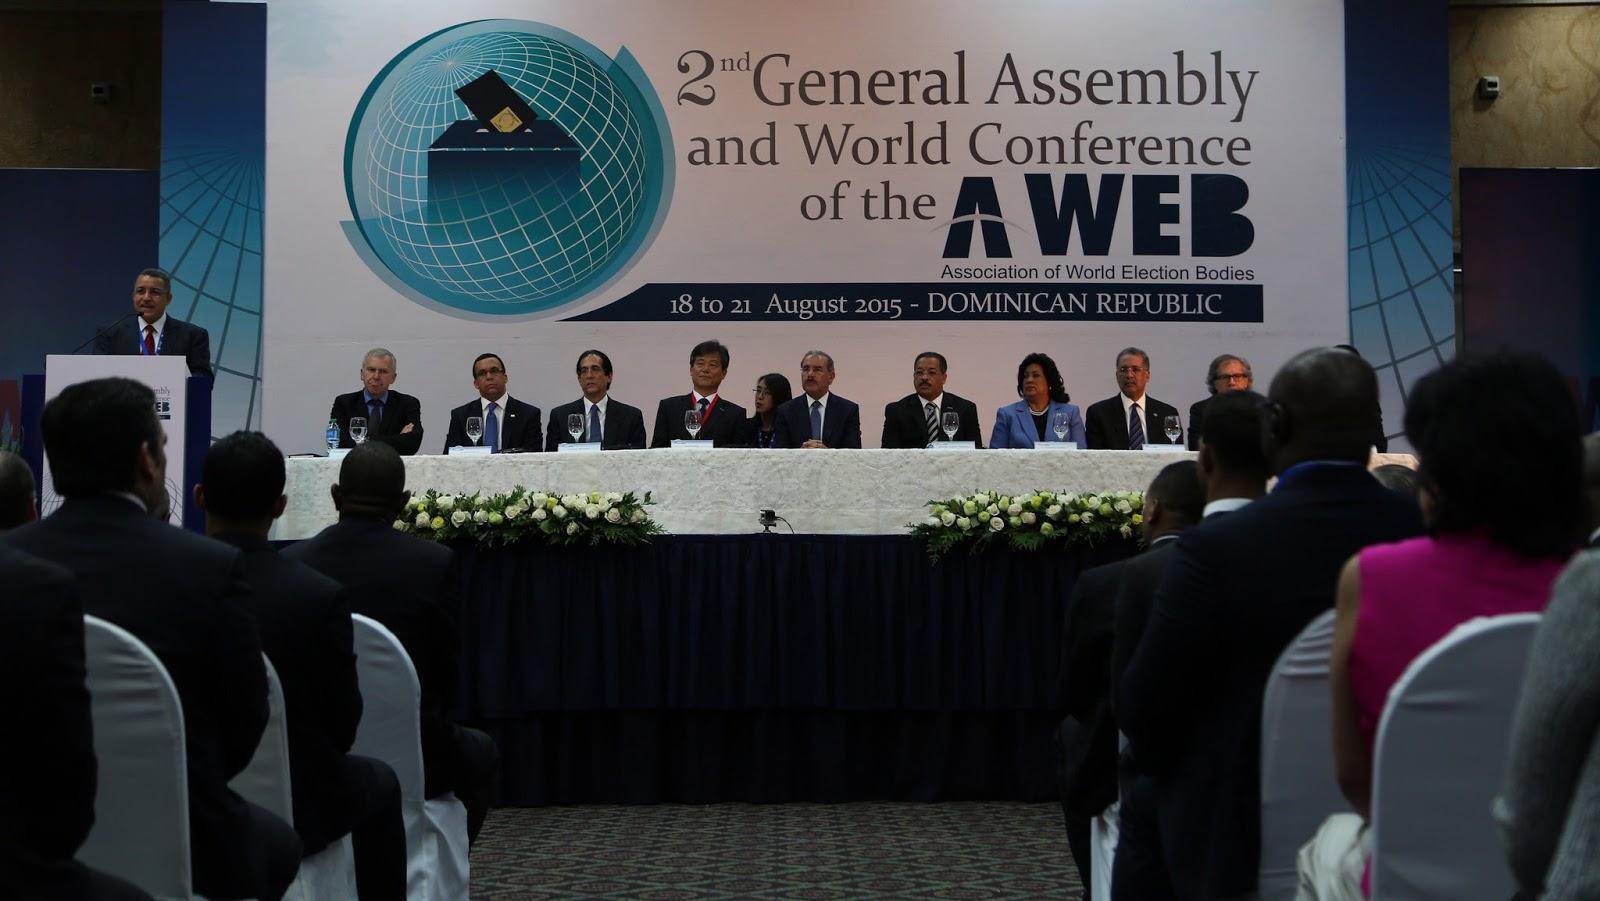 asisti al acto de apertura de la ii asamblea general de la asociaci n mundial de organismos electorales a web que tuvo lugar en el sal n mbar del